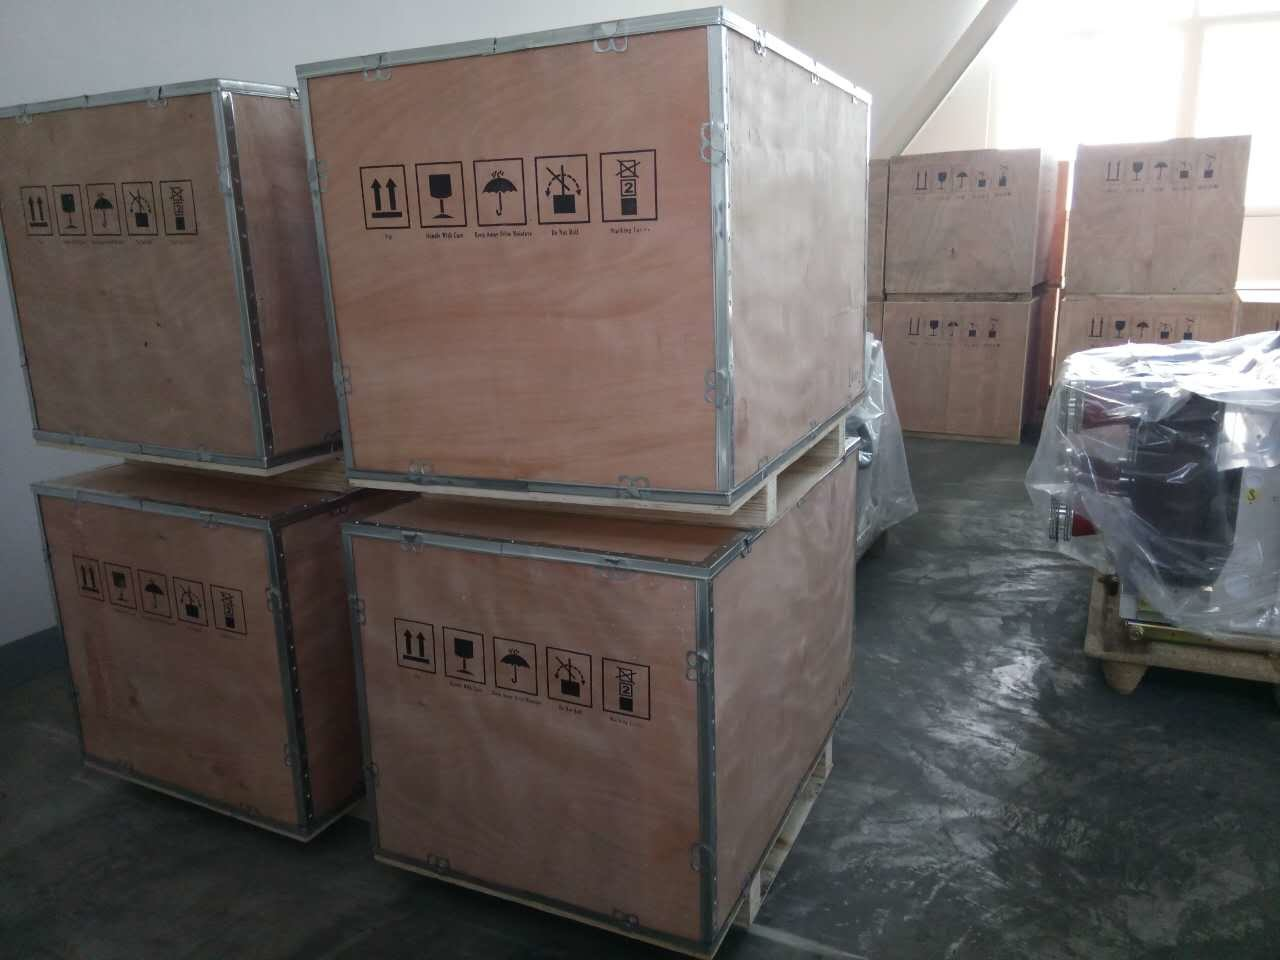 Vs1-12 Indoor High Voltage Vacuum Circuit Breaker (Vd4 Replaceable 100%)